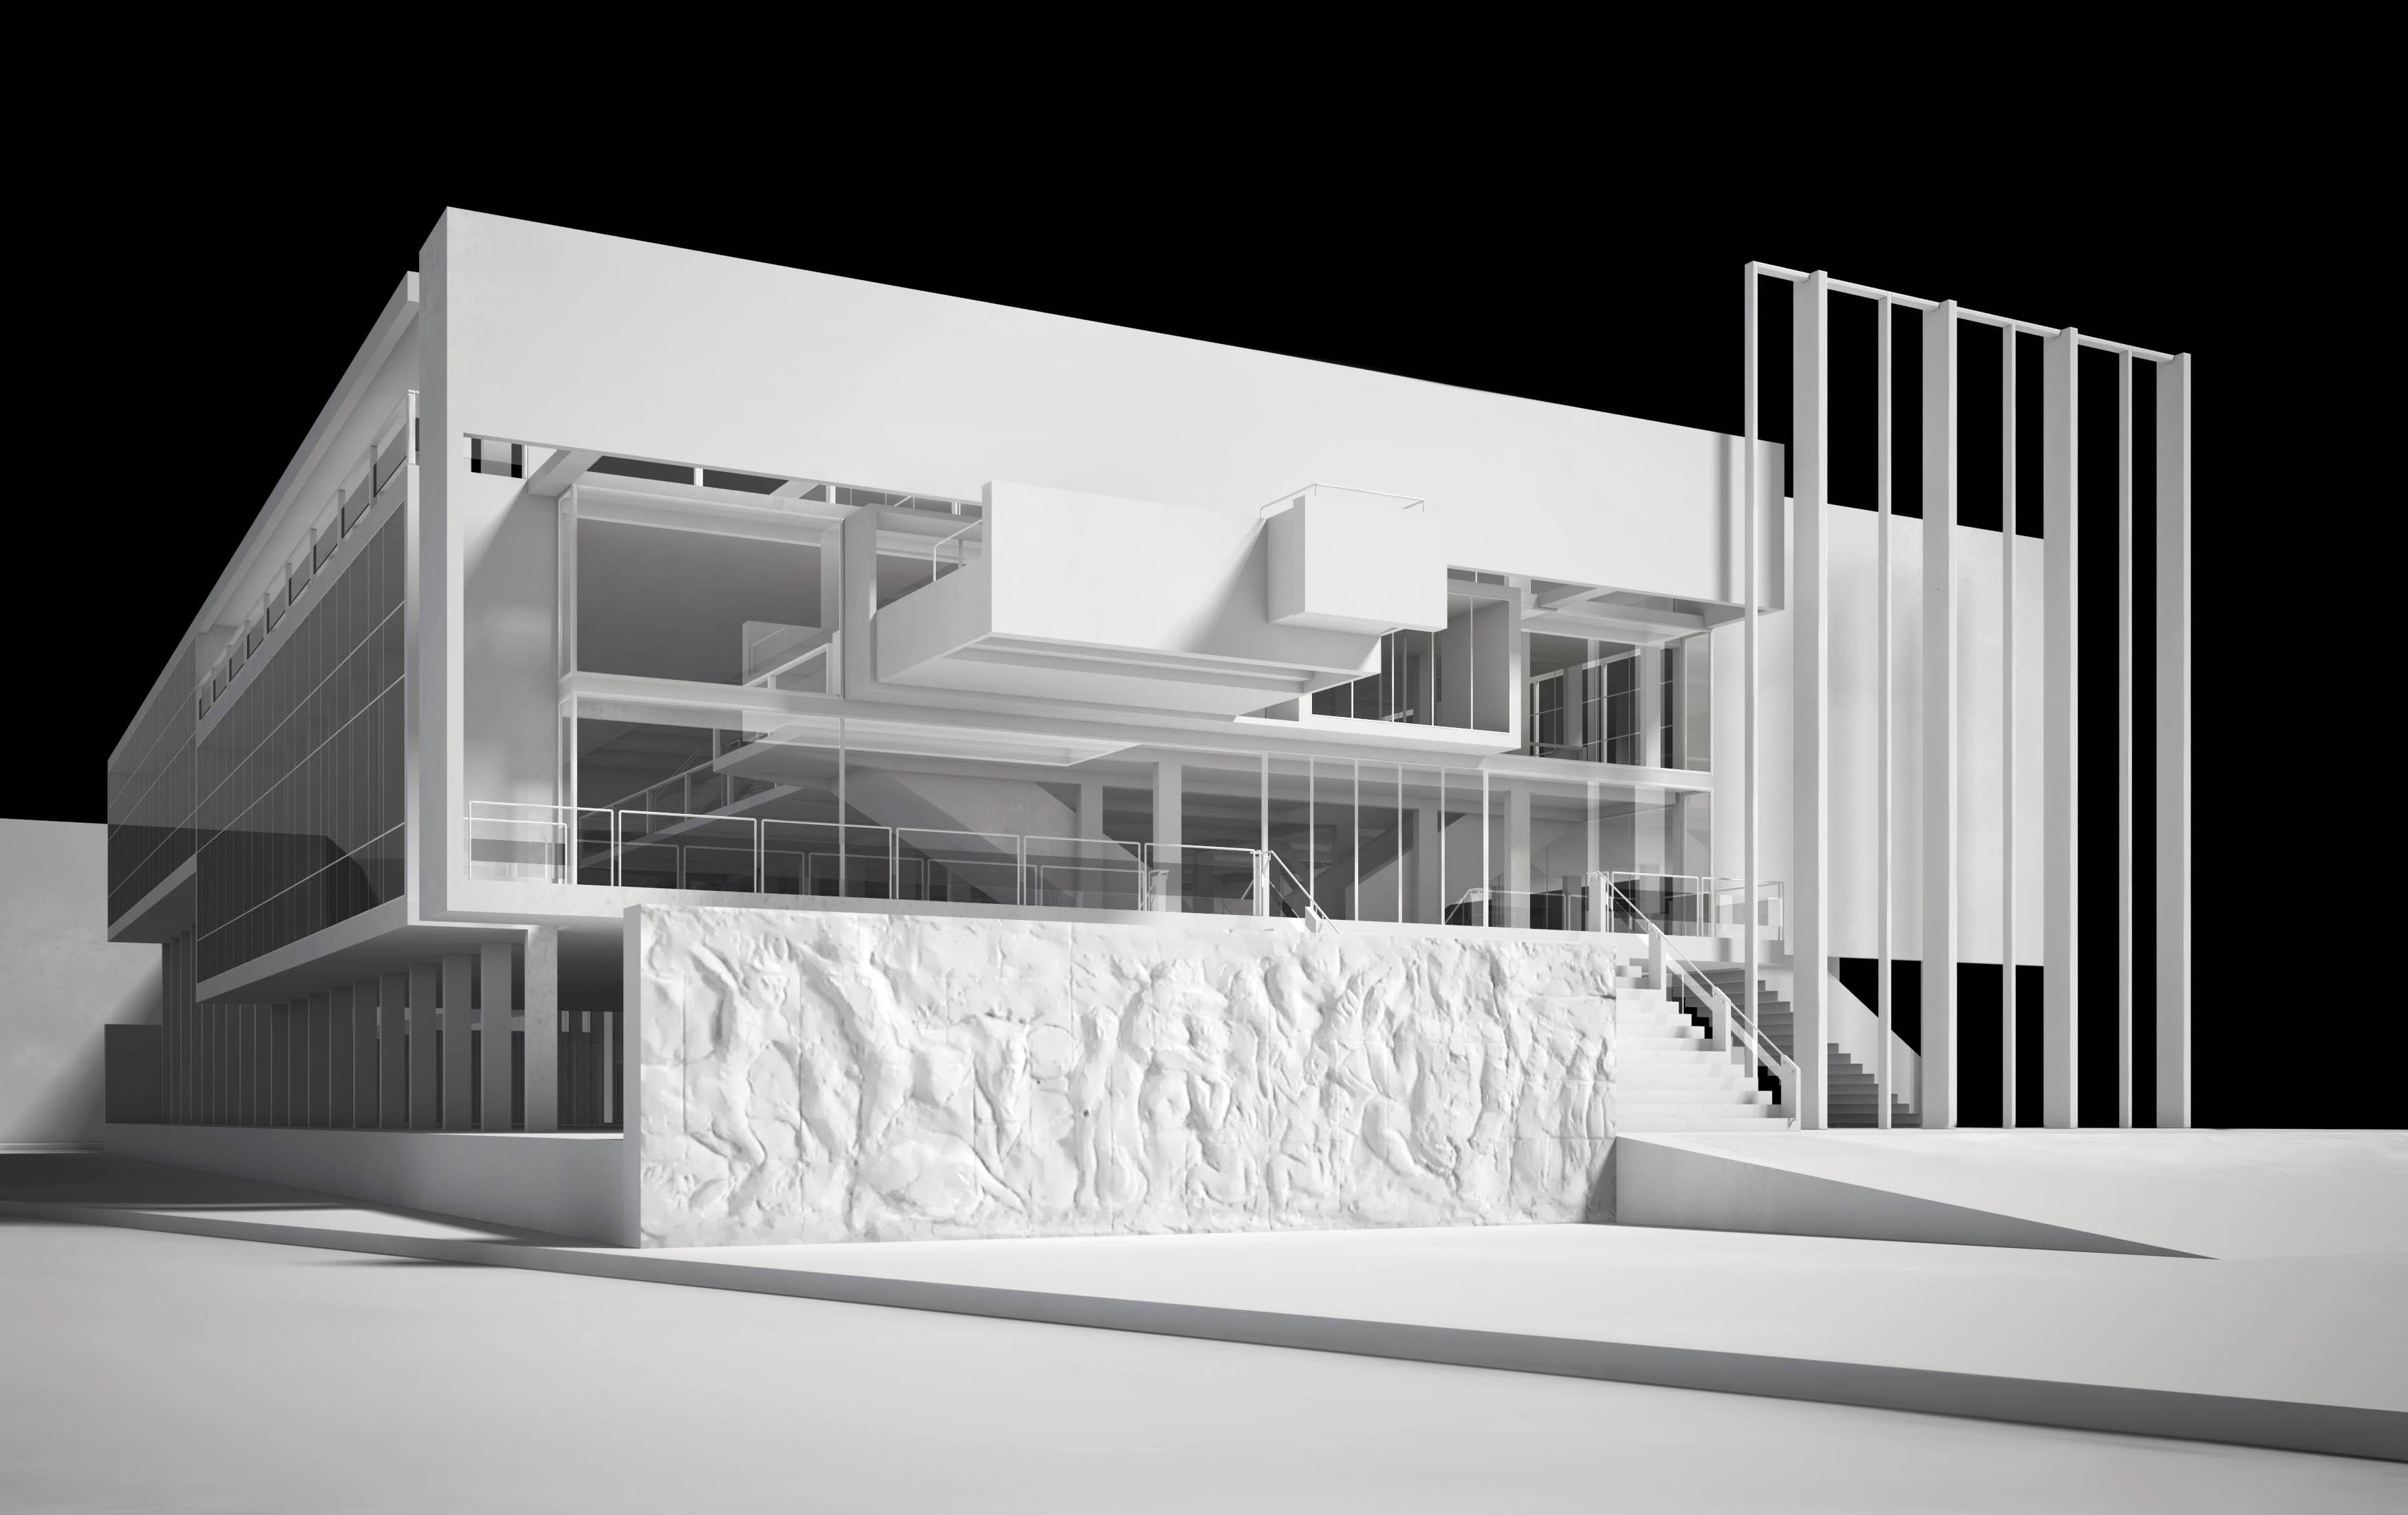 Giuseppe terragni a roma in chiave critica espoarte for Architecture t scale